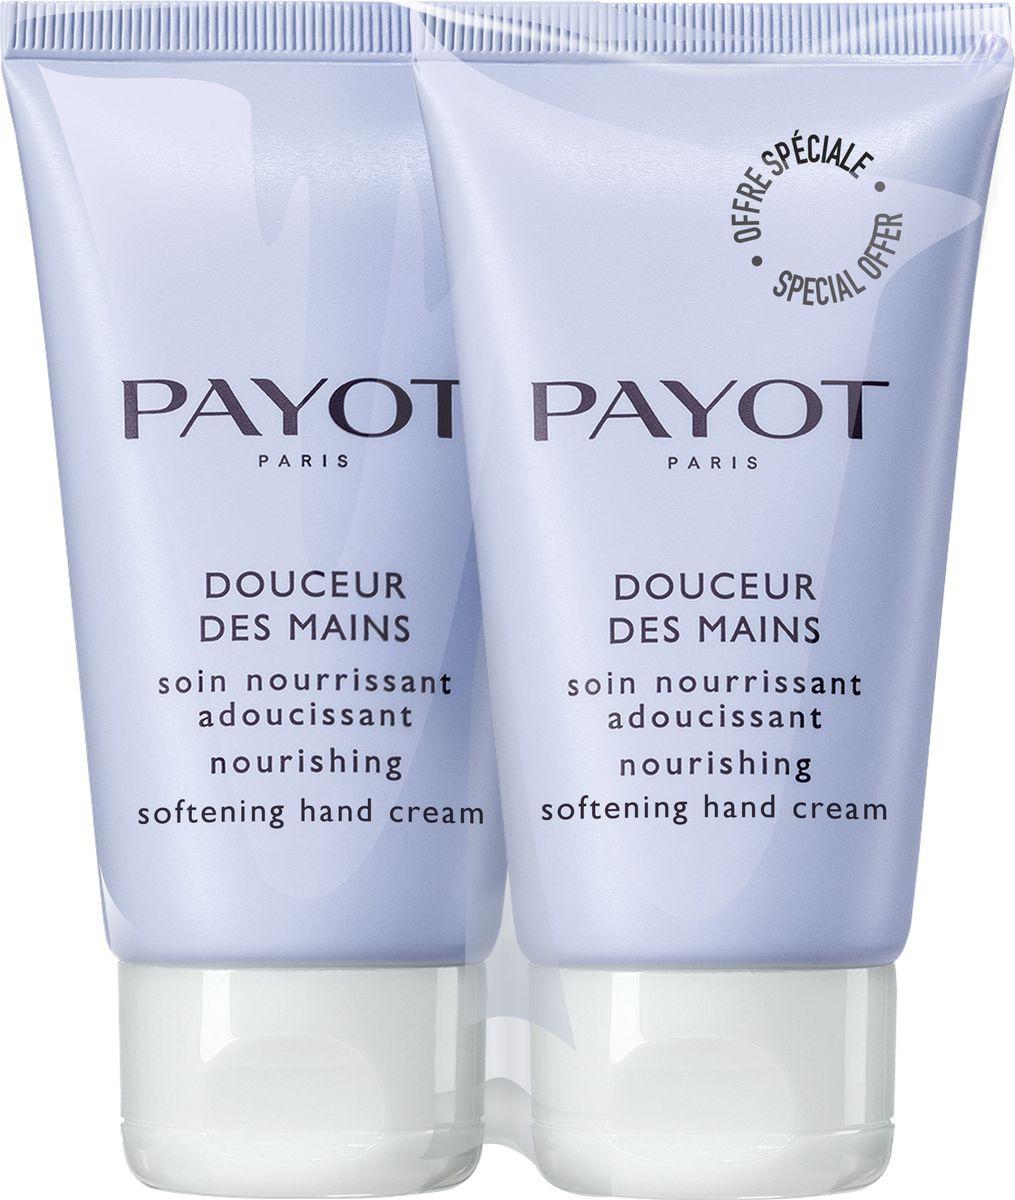 Payot Corps Набор Промо по уходу за руками: питательный крем для рук, 50 мл, 2 шт65116165Питательный коктейль 3-в-1 возвращает нежность даже самой грубой коже рук, не оставляя ощущения жирности. Для всех типов кожи.